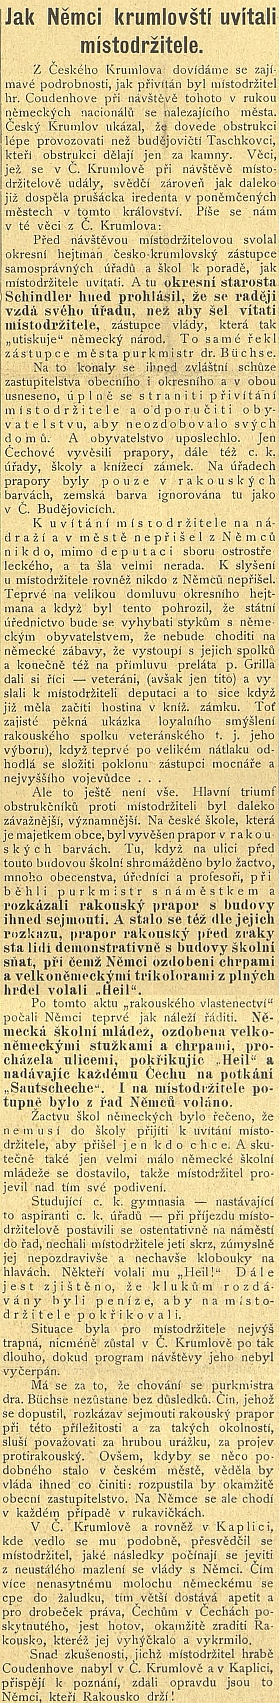 Článek z titulní strany Jihočeských listů, kde je Büchse mylně uveden jako českokrumlovský purkmistr...